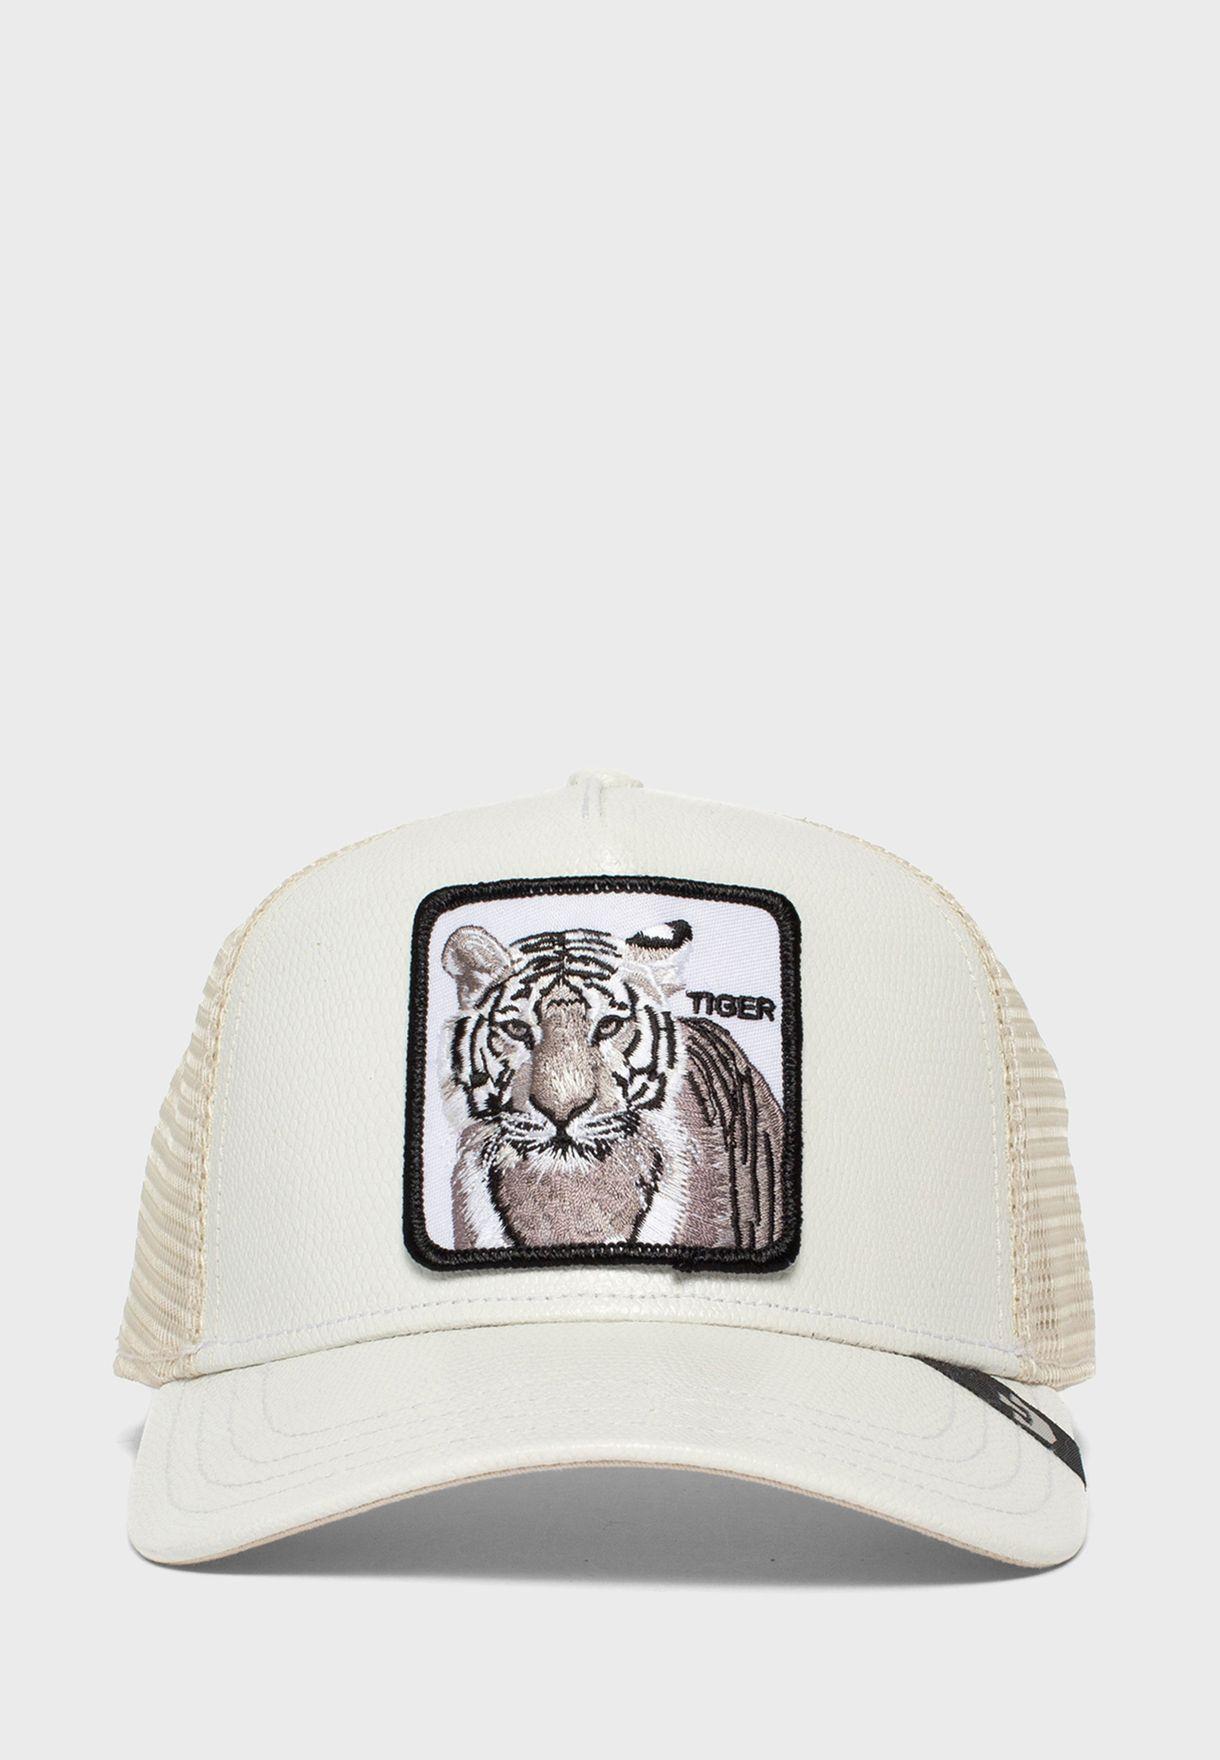 Tiger Curved Peak Cap